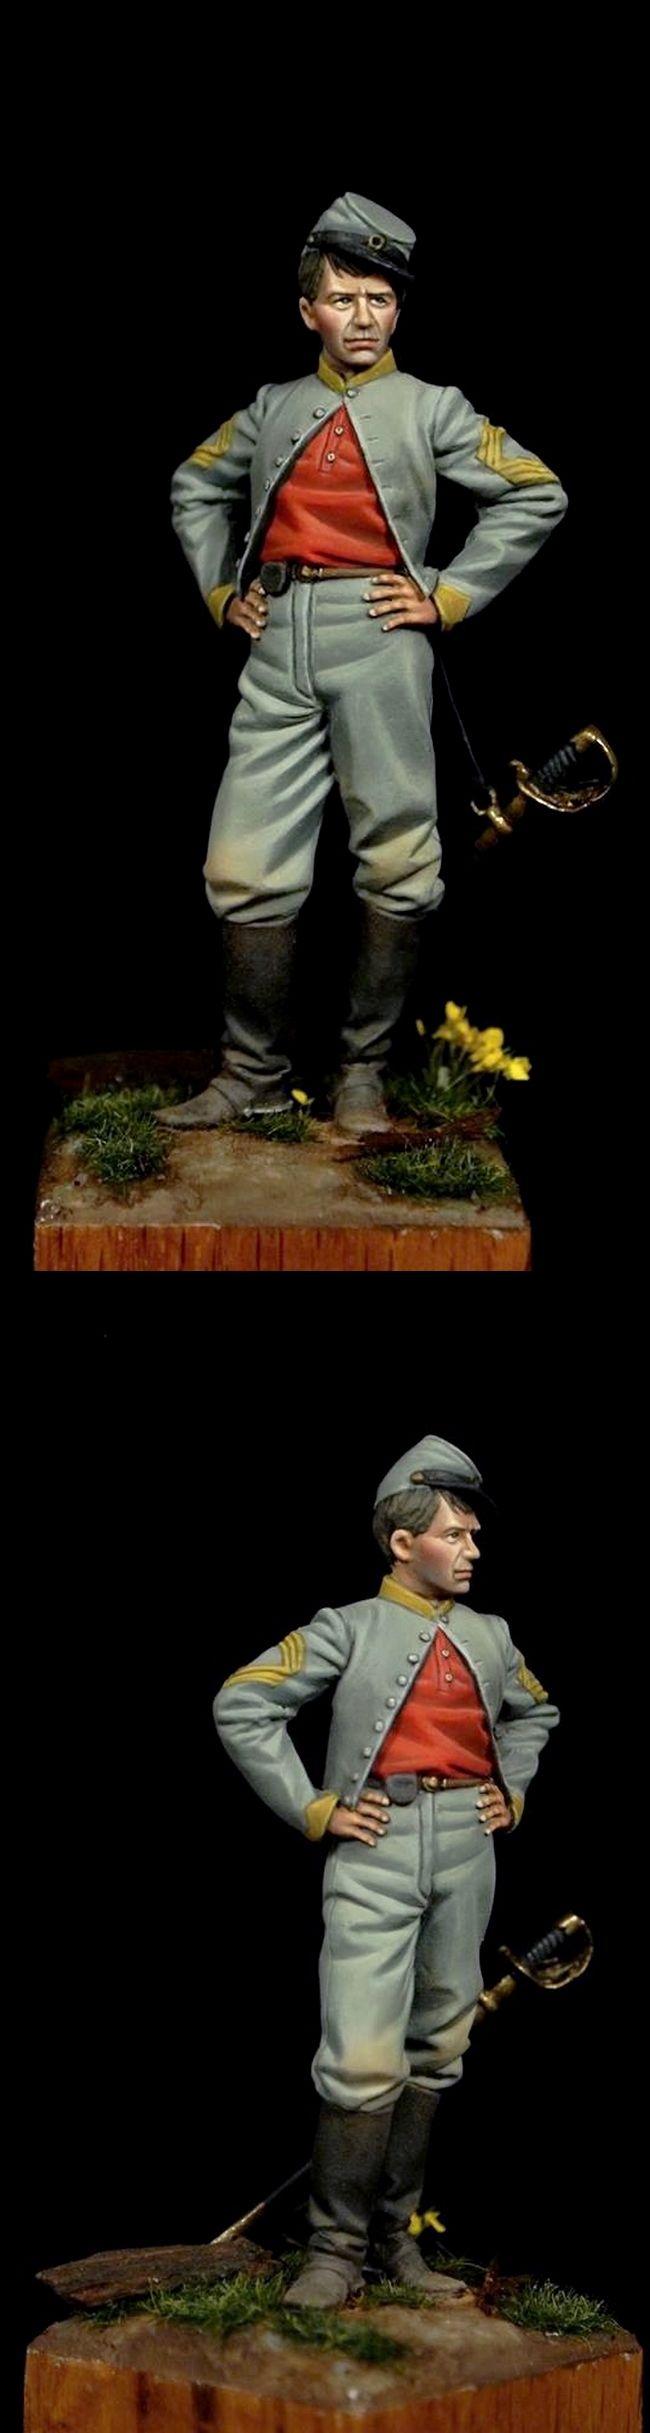 Confederate sergeant